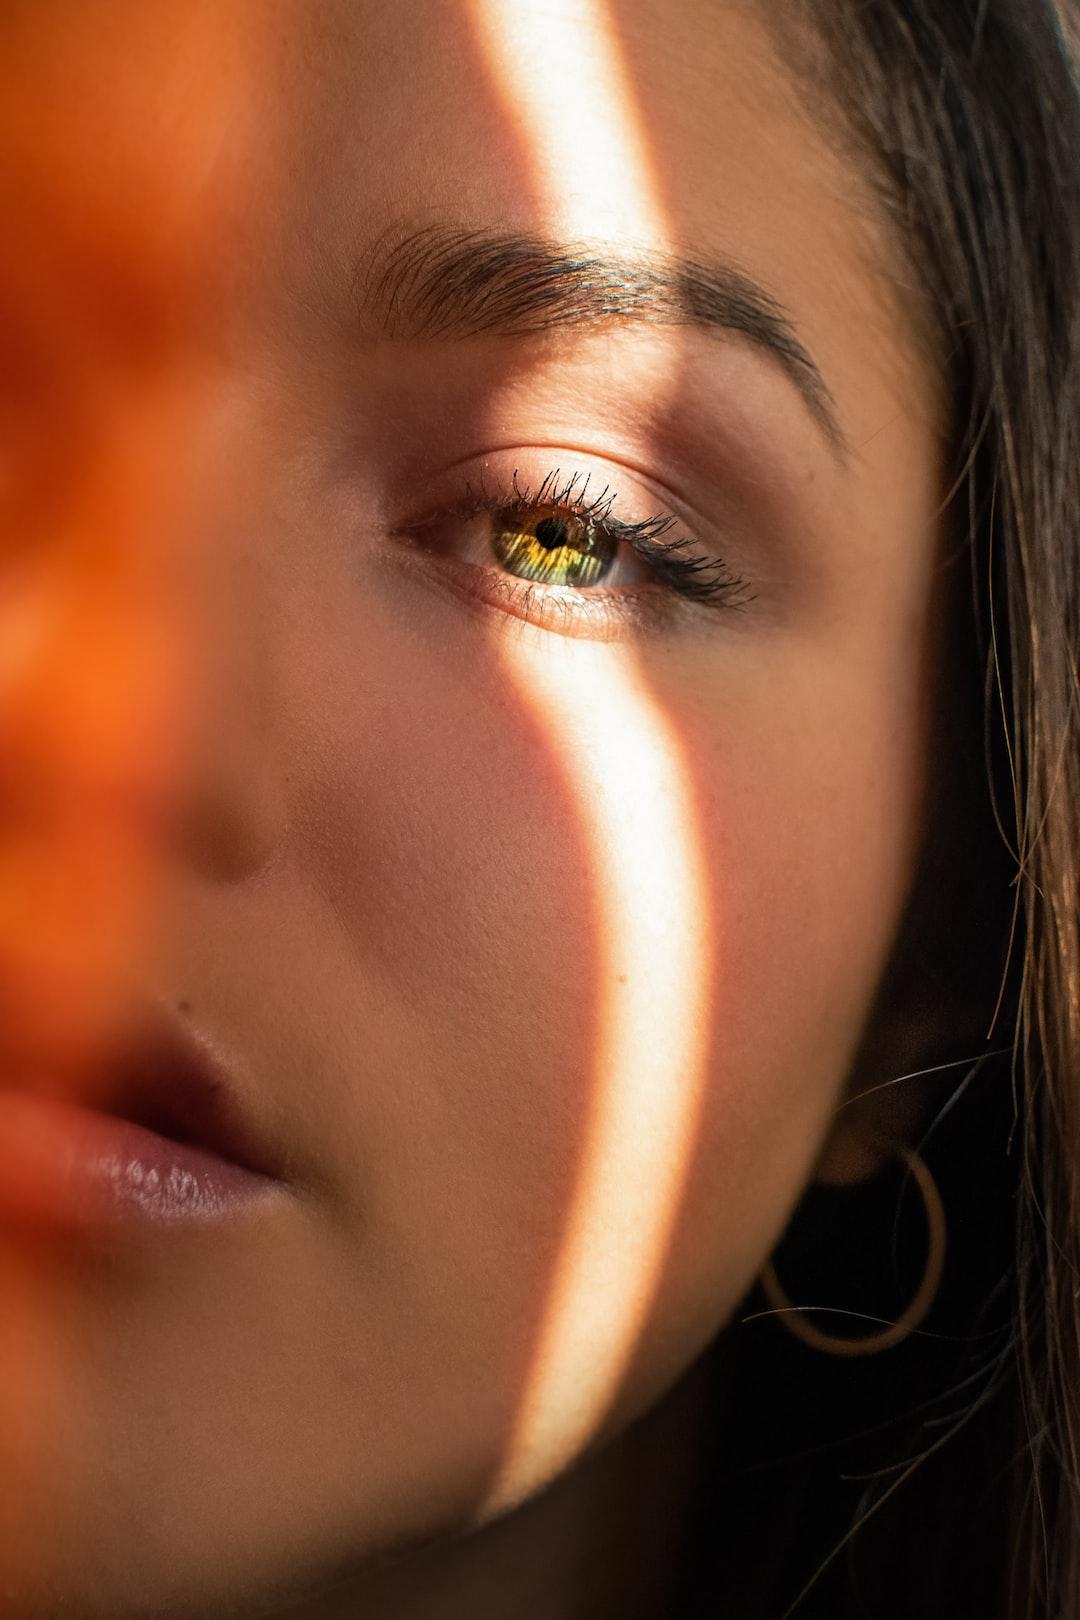 Energian Saasto—These Severe Anemia Symptoms Eyes